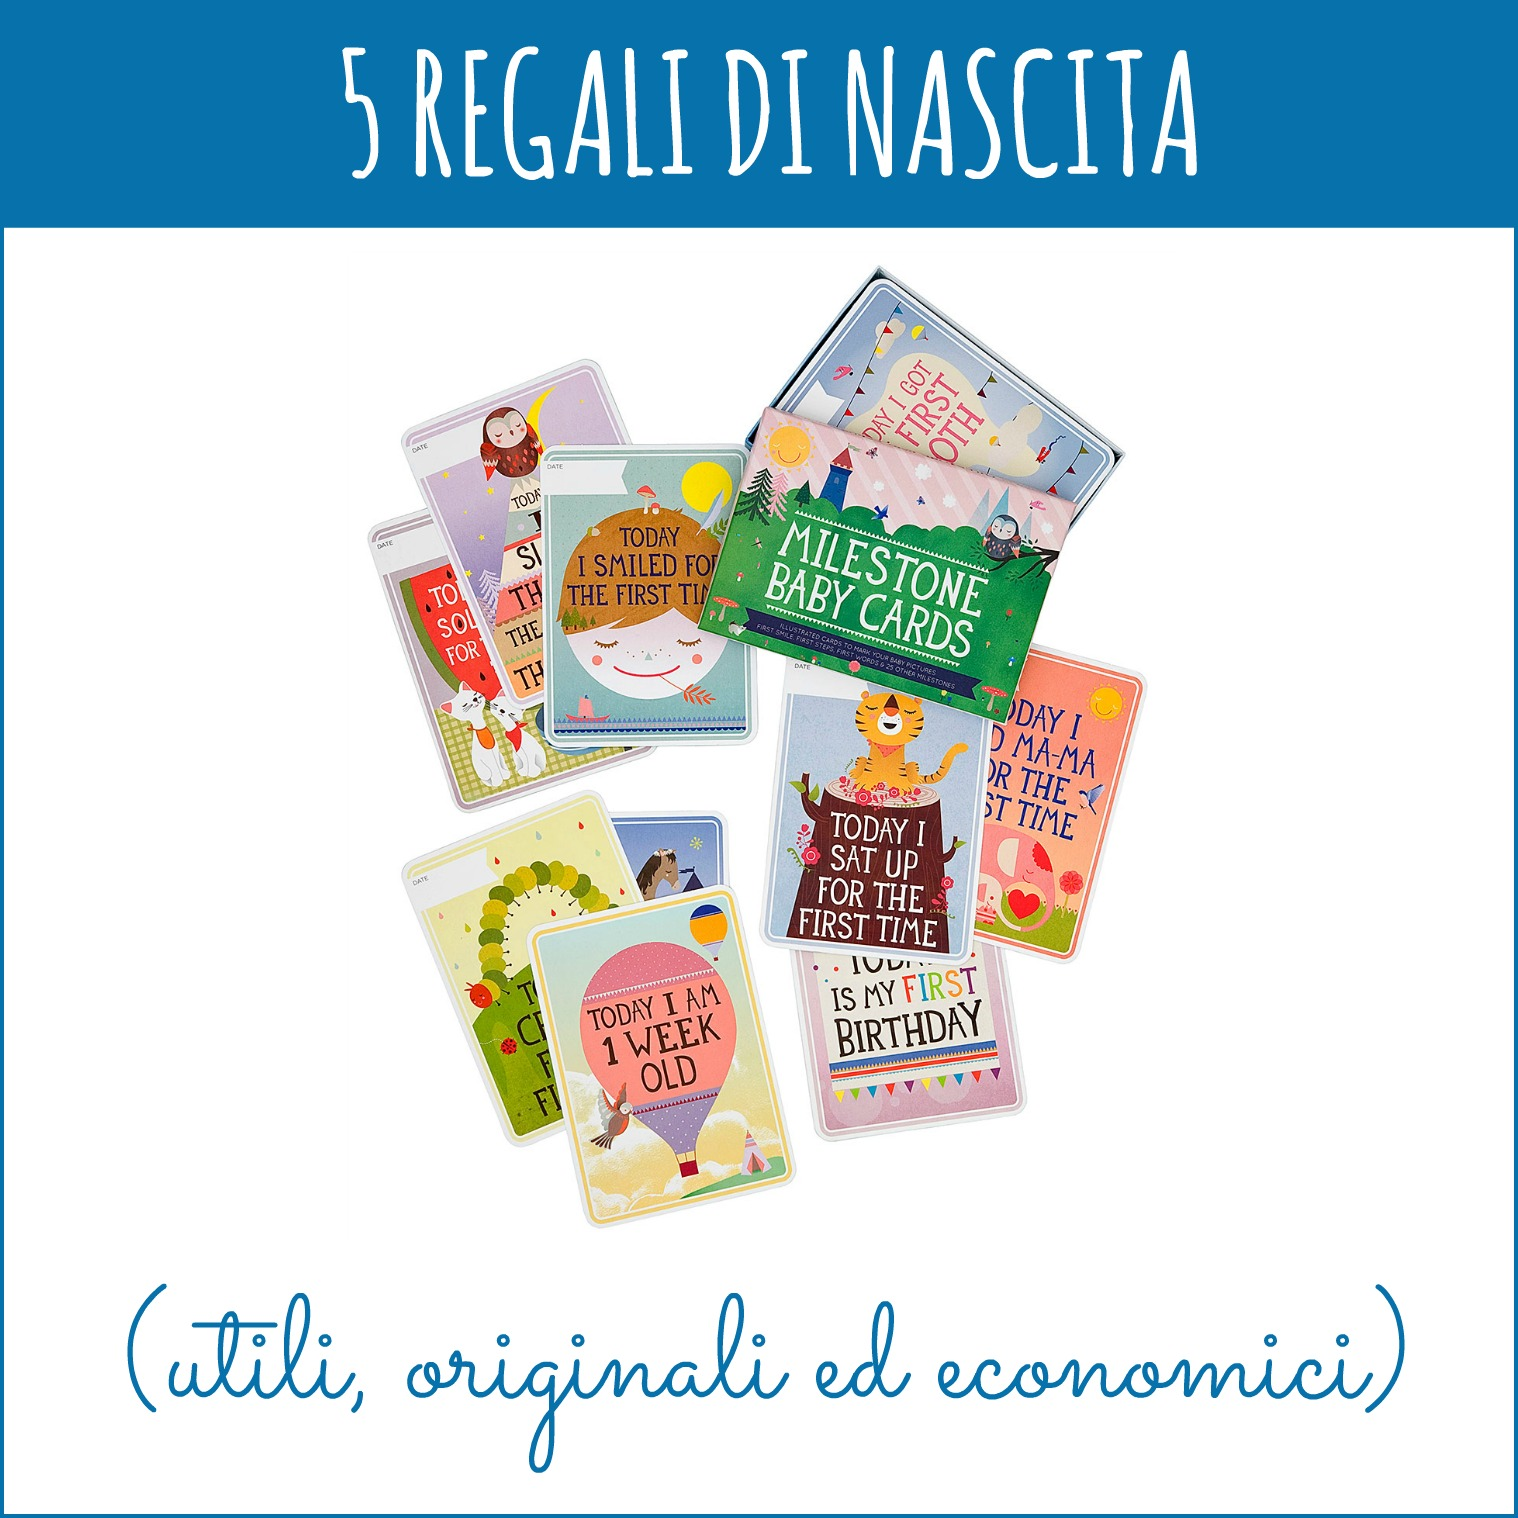 5 regali di nascita utili originali ed economici for Regali per la casa originali